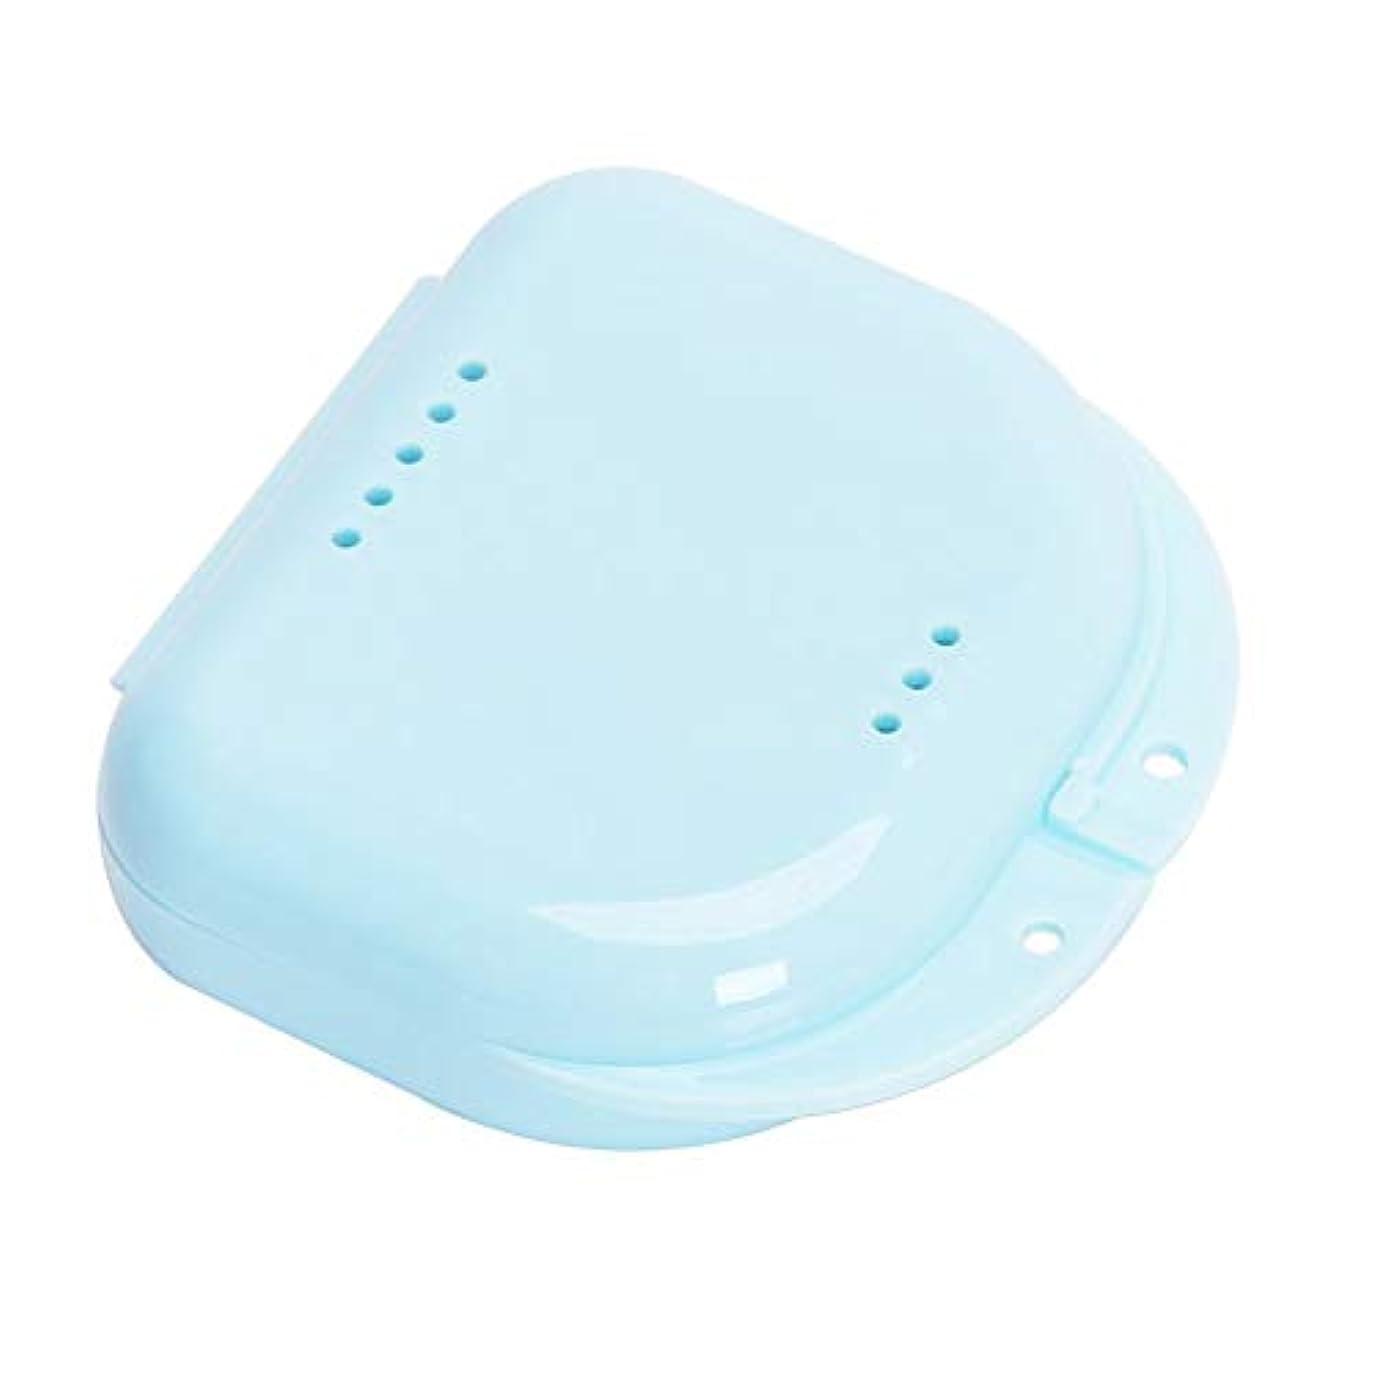 永久にアラスカブラウスPichidr-JP 義歯ケース 入れ歯ケース 義歯ボックス 入れ歯収納 義歯収納容器 リテーナーボックス 旅行携帯用 コンパクト 軽量 歯の箱